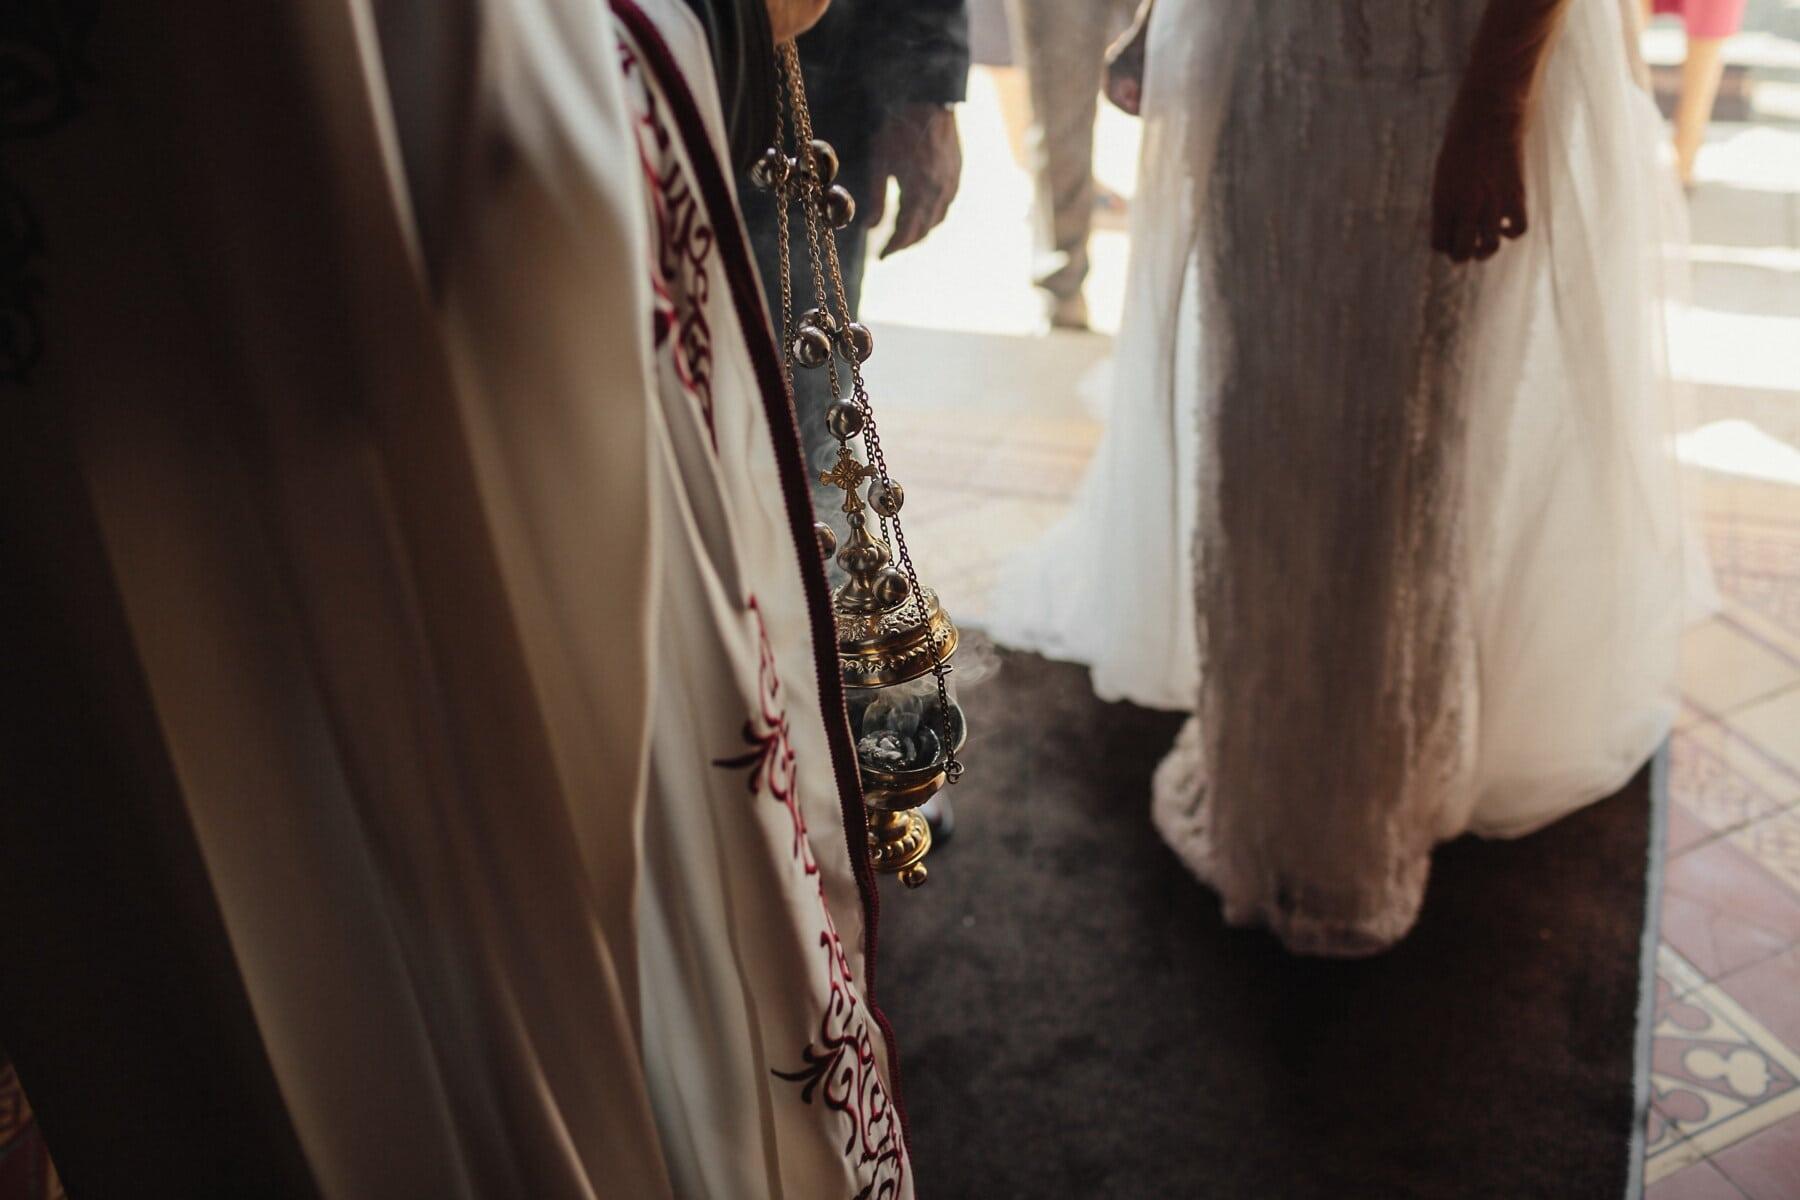 Priester, orthodoxe, Zeremonie, Braut, religiöse, Hochzeitskleid, Hochzeit, Menschen, Straße, Frau